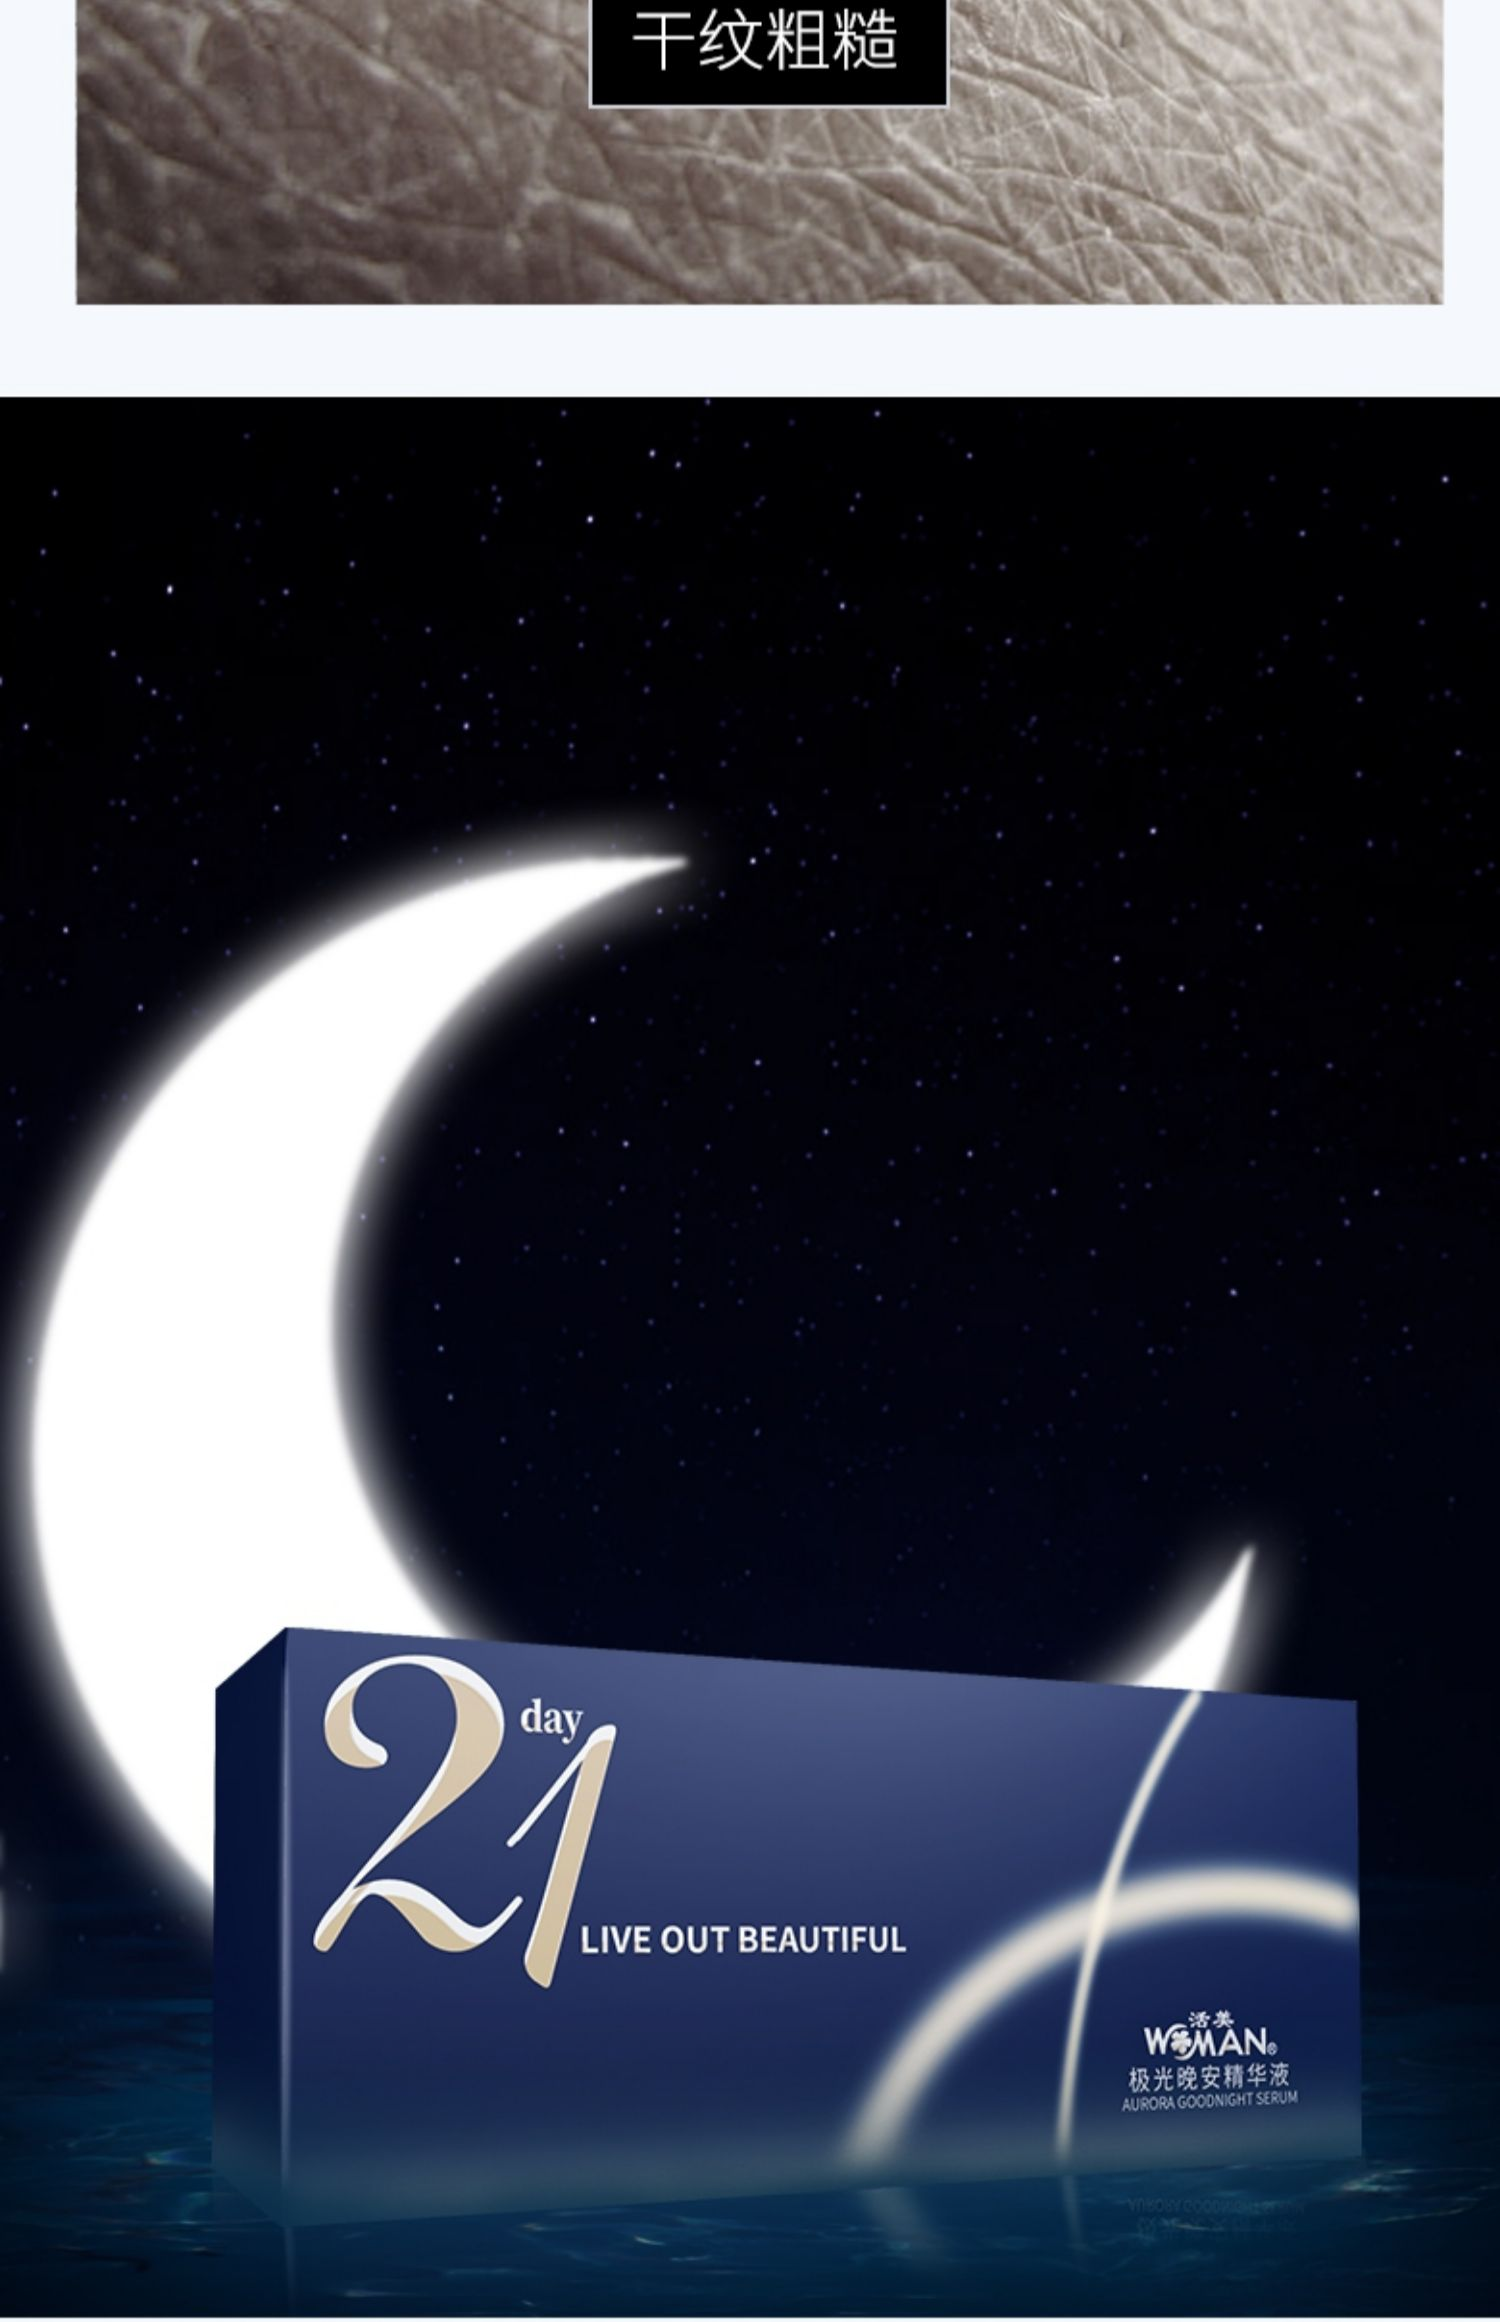 21天极光晚安精华液+烟酰胺原液组合 3